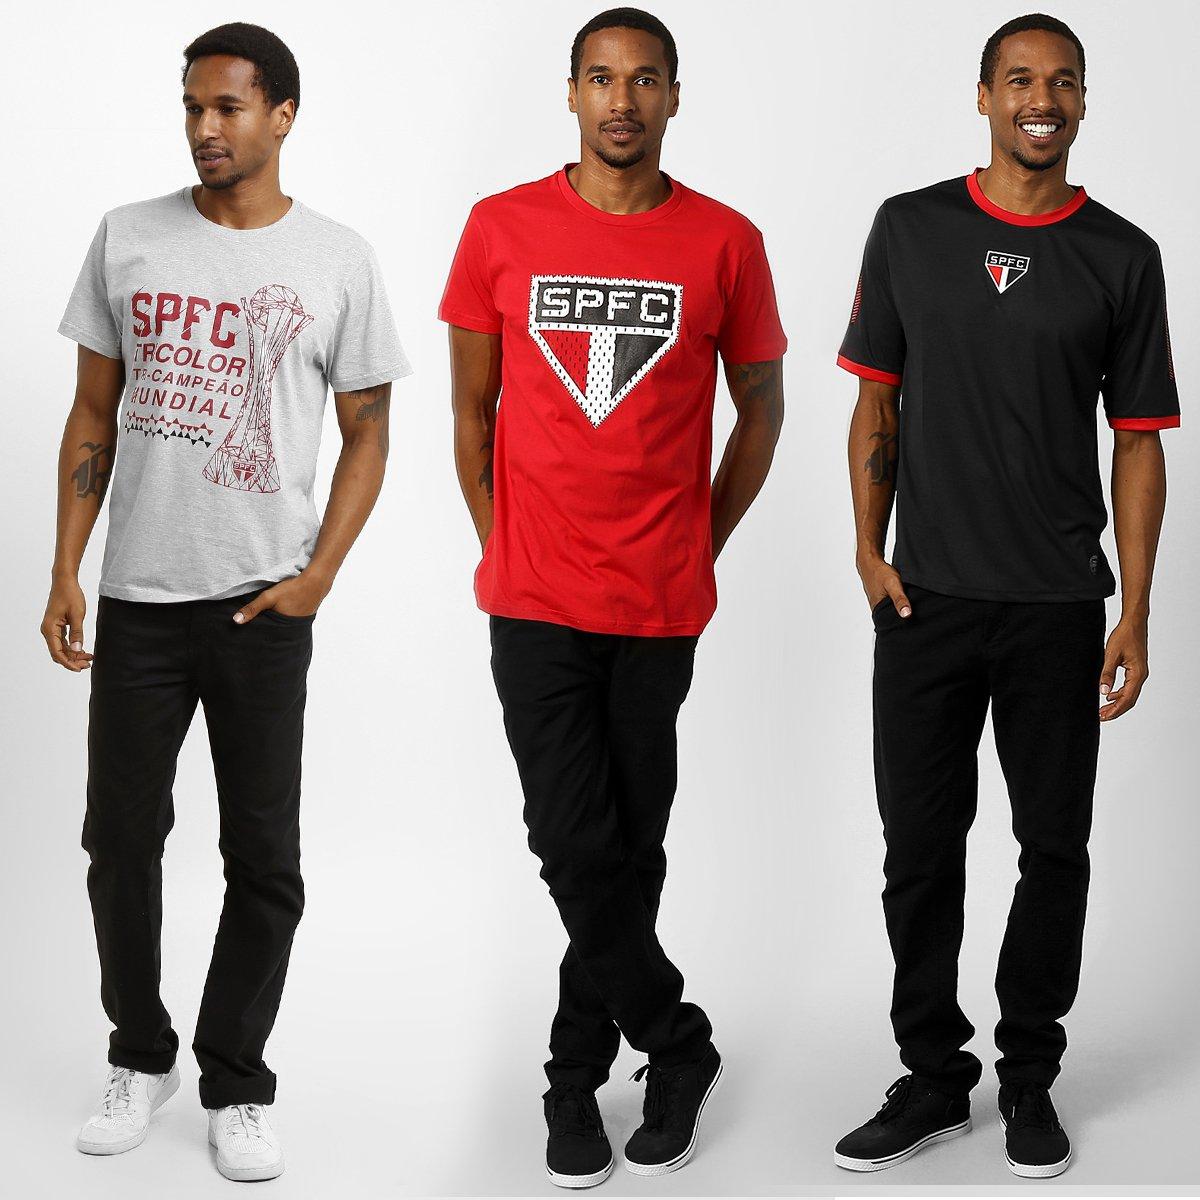 Kit Camisetas São Paulo Futebol Clube - Compre Agora  c2060fa4e069c